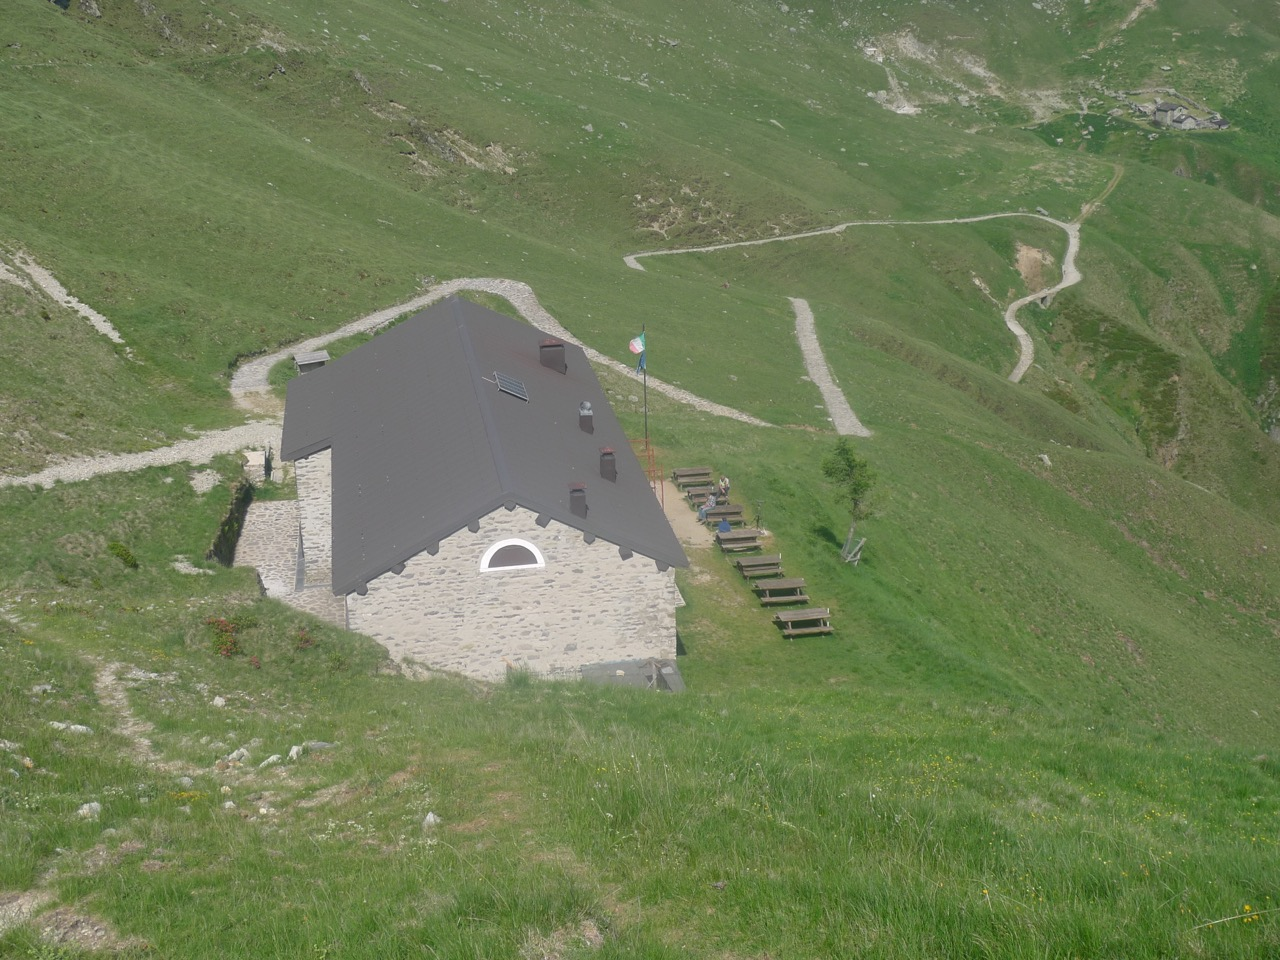 Blick auf die italienische Hütte Rifugio San Jorio